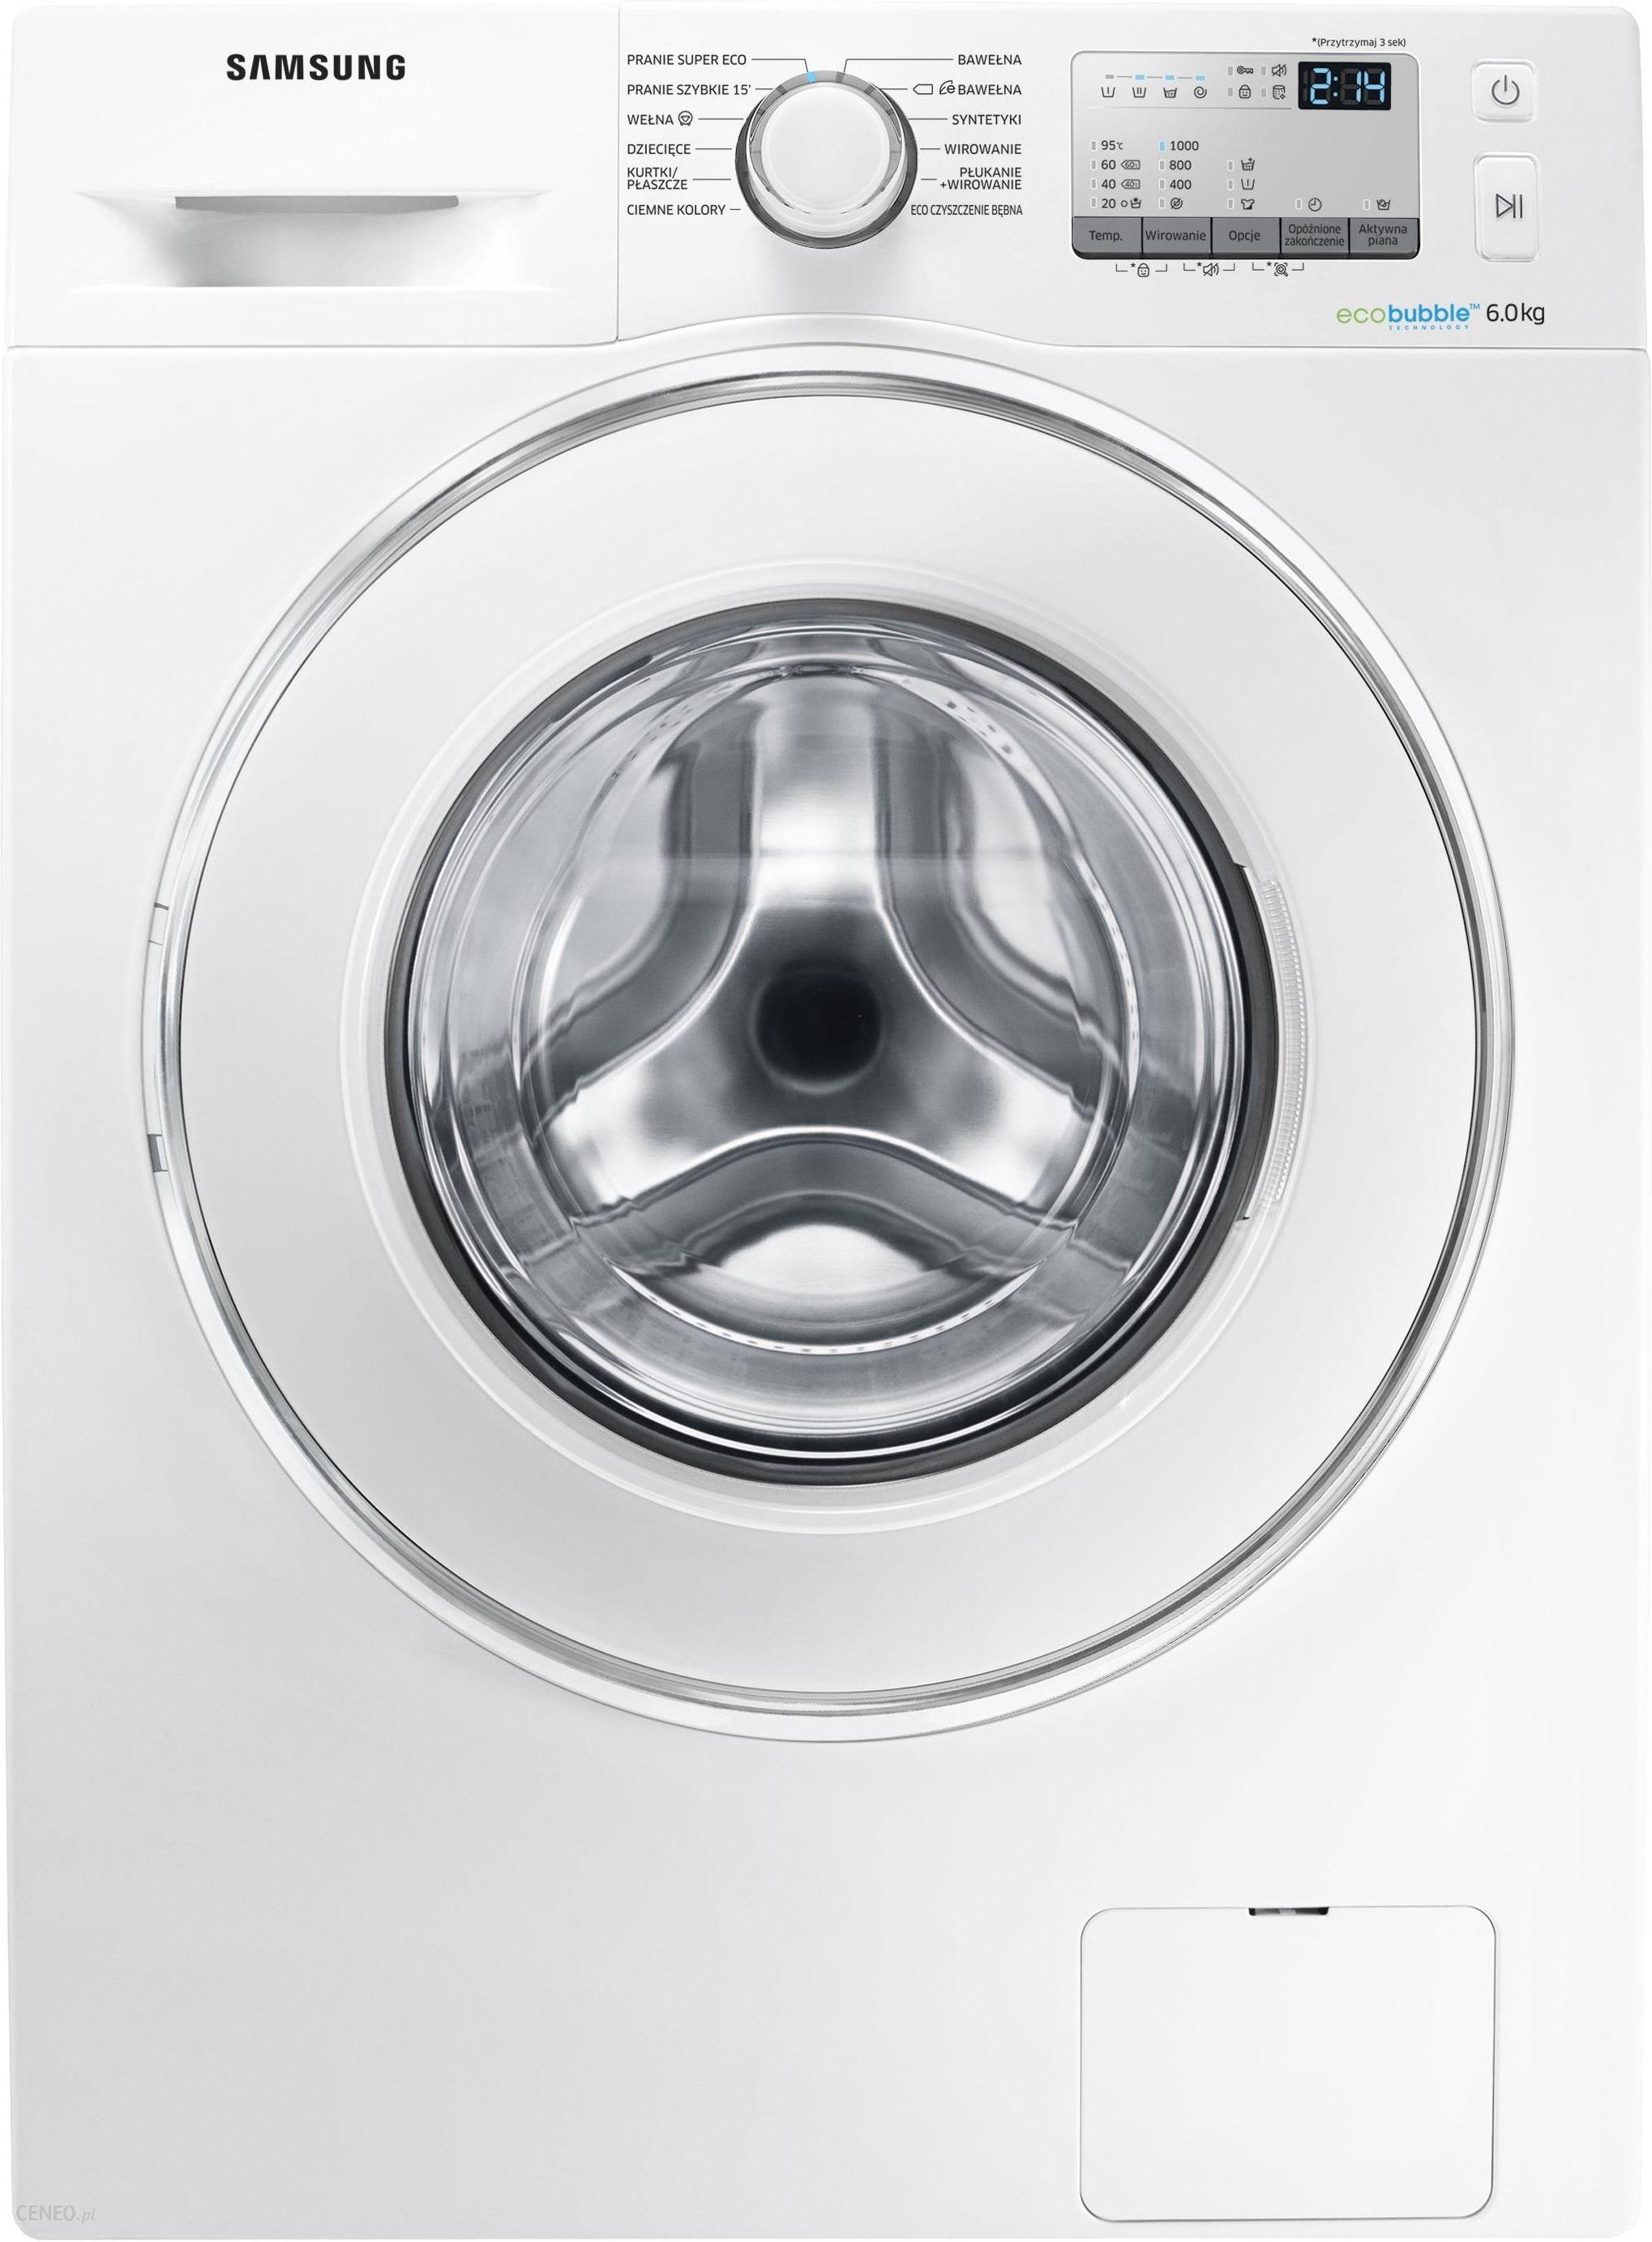 Pralka Samsung Eco Bubble Ww60j4063jw Opinie I Ceny Na Ceneo Pl